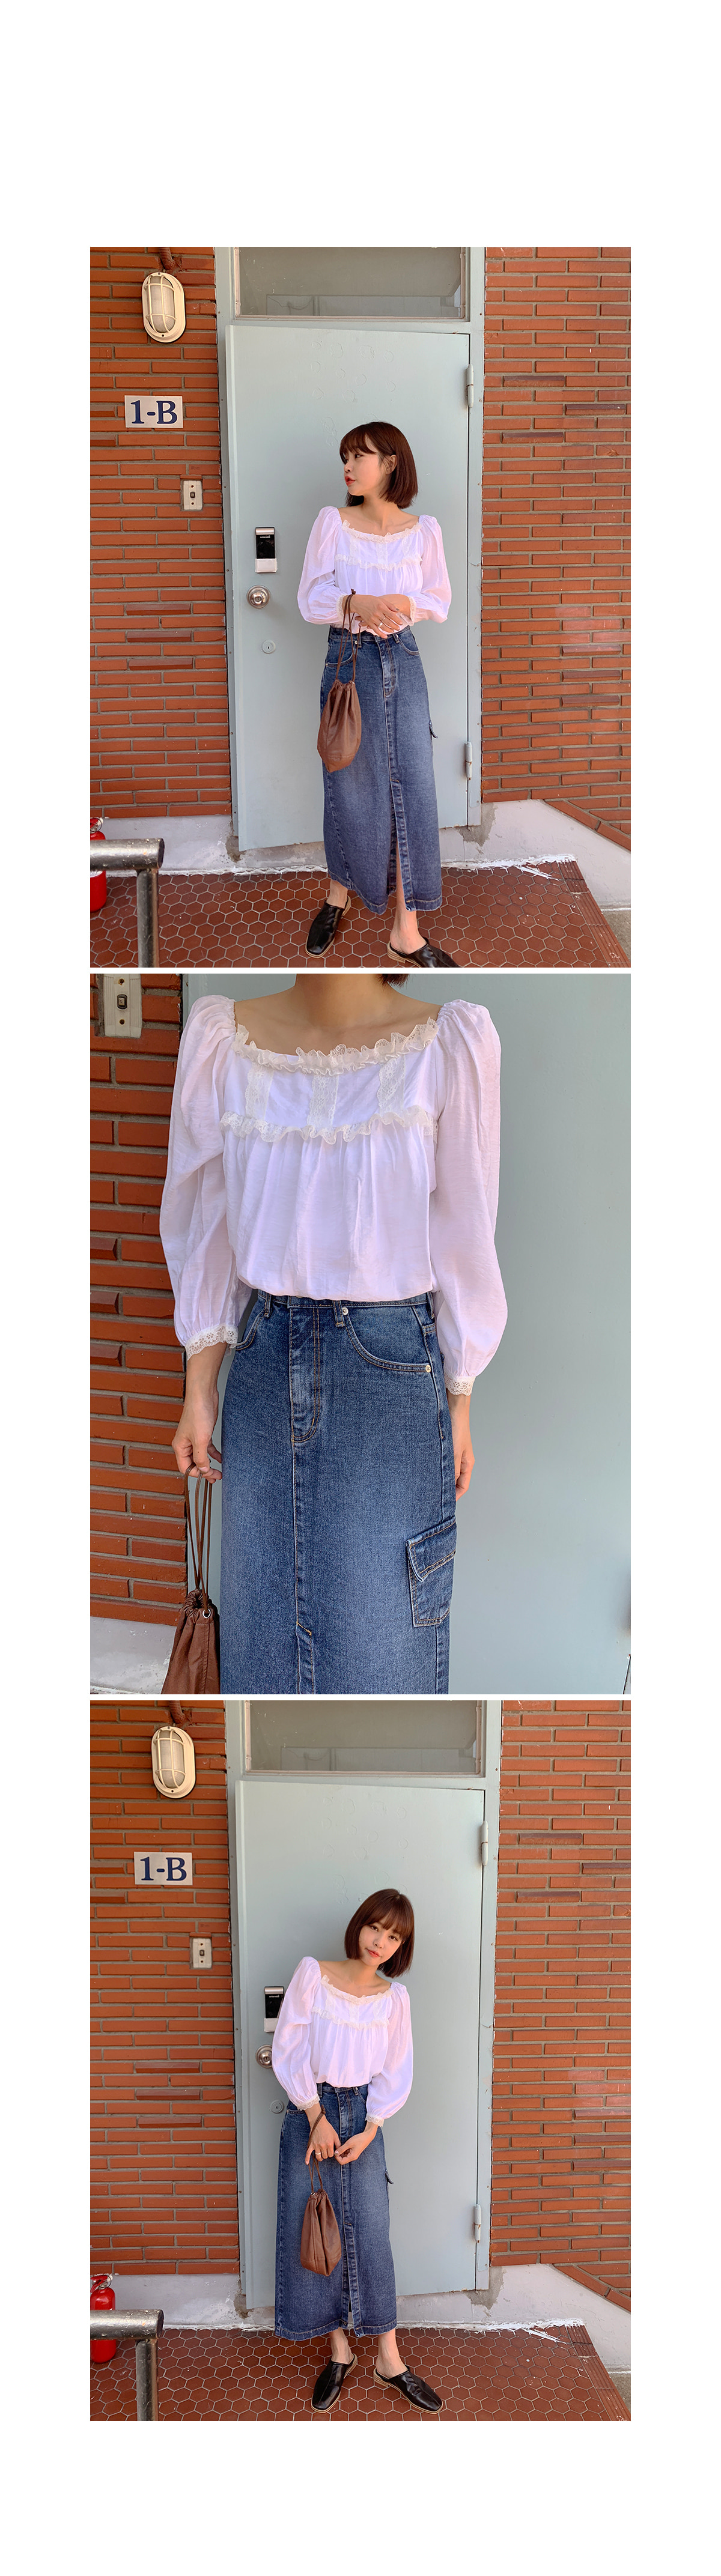 Frey skirt